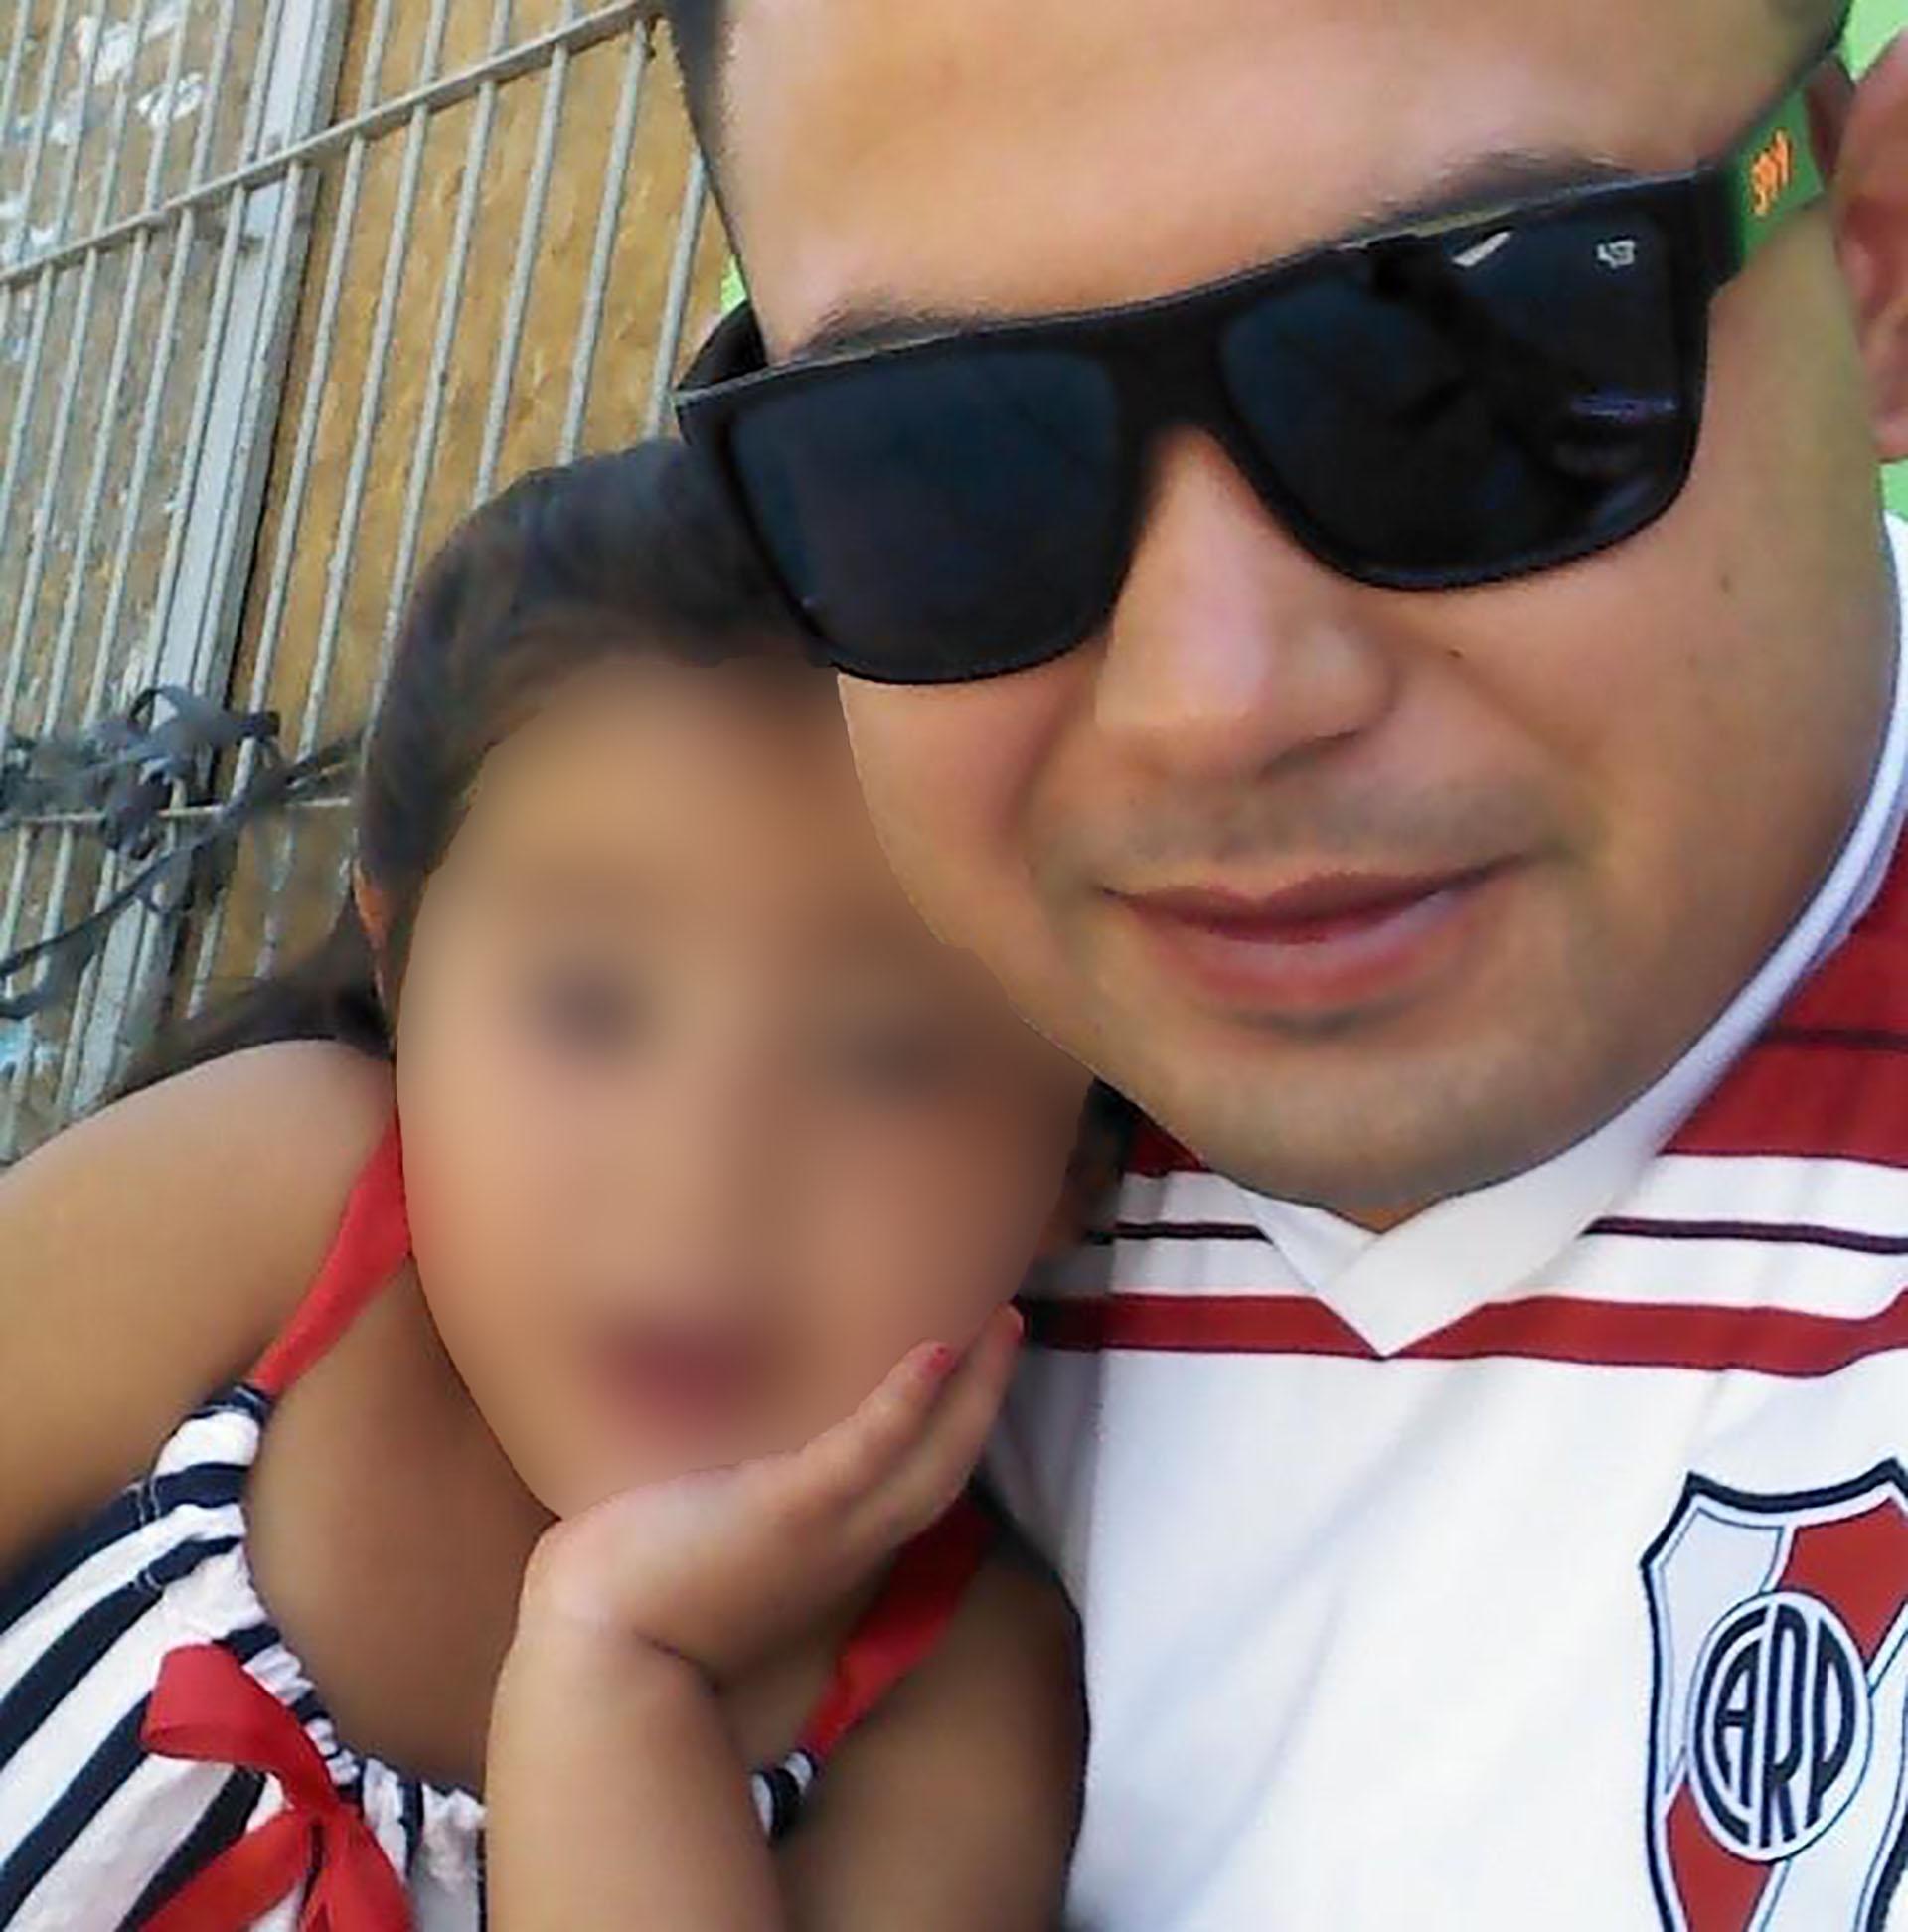 Según los allegados, Leandro Alcaraz se desvivía por su familia